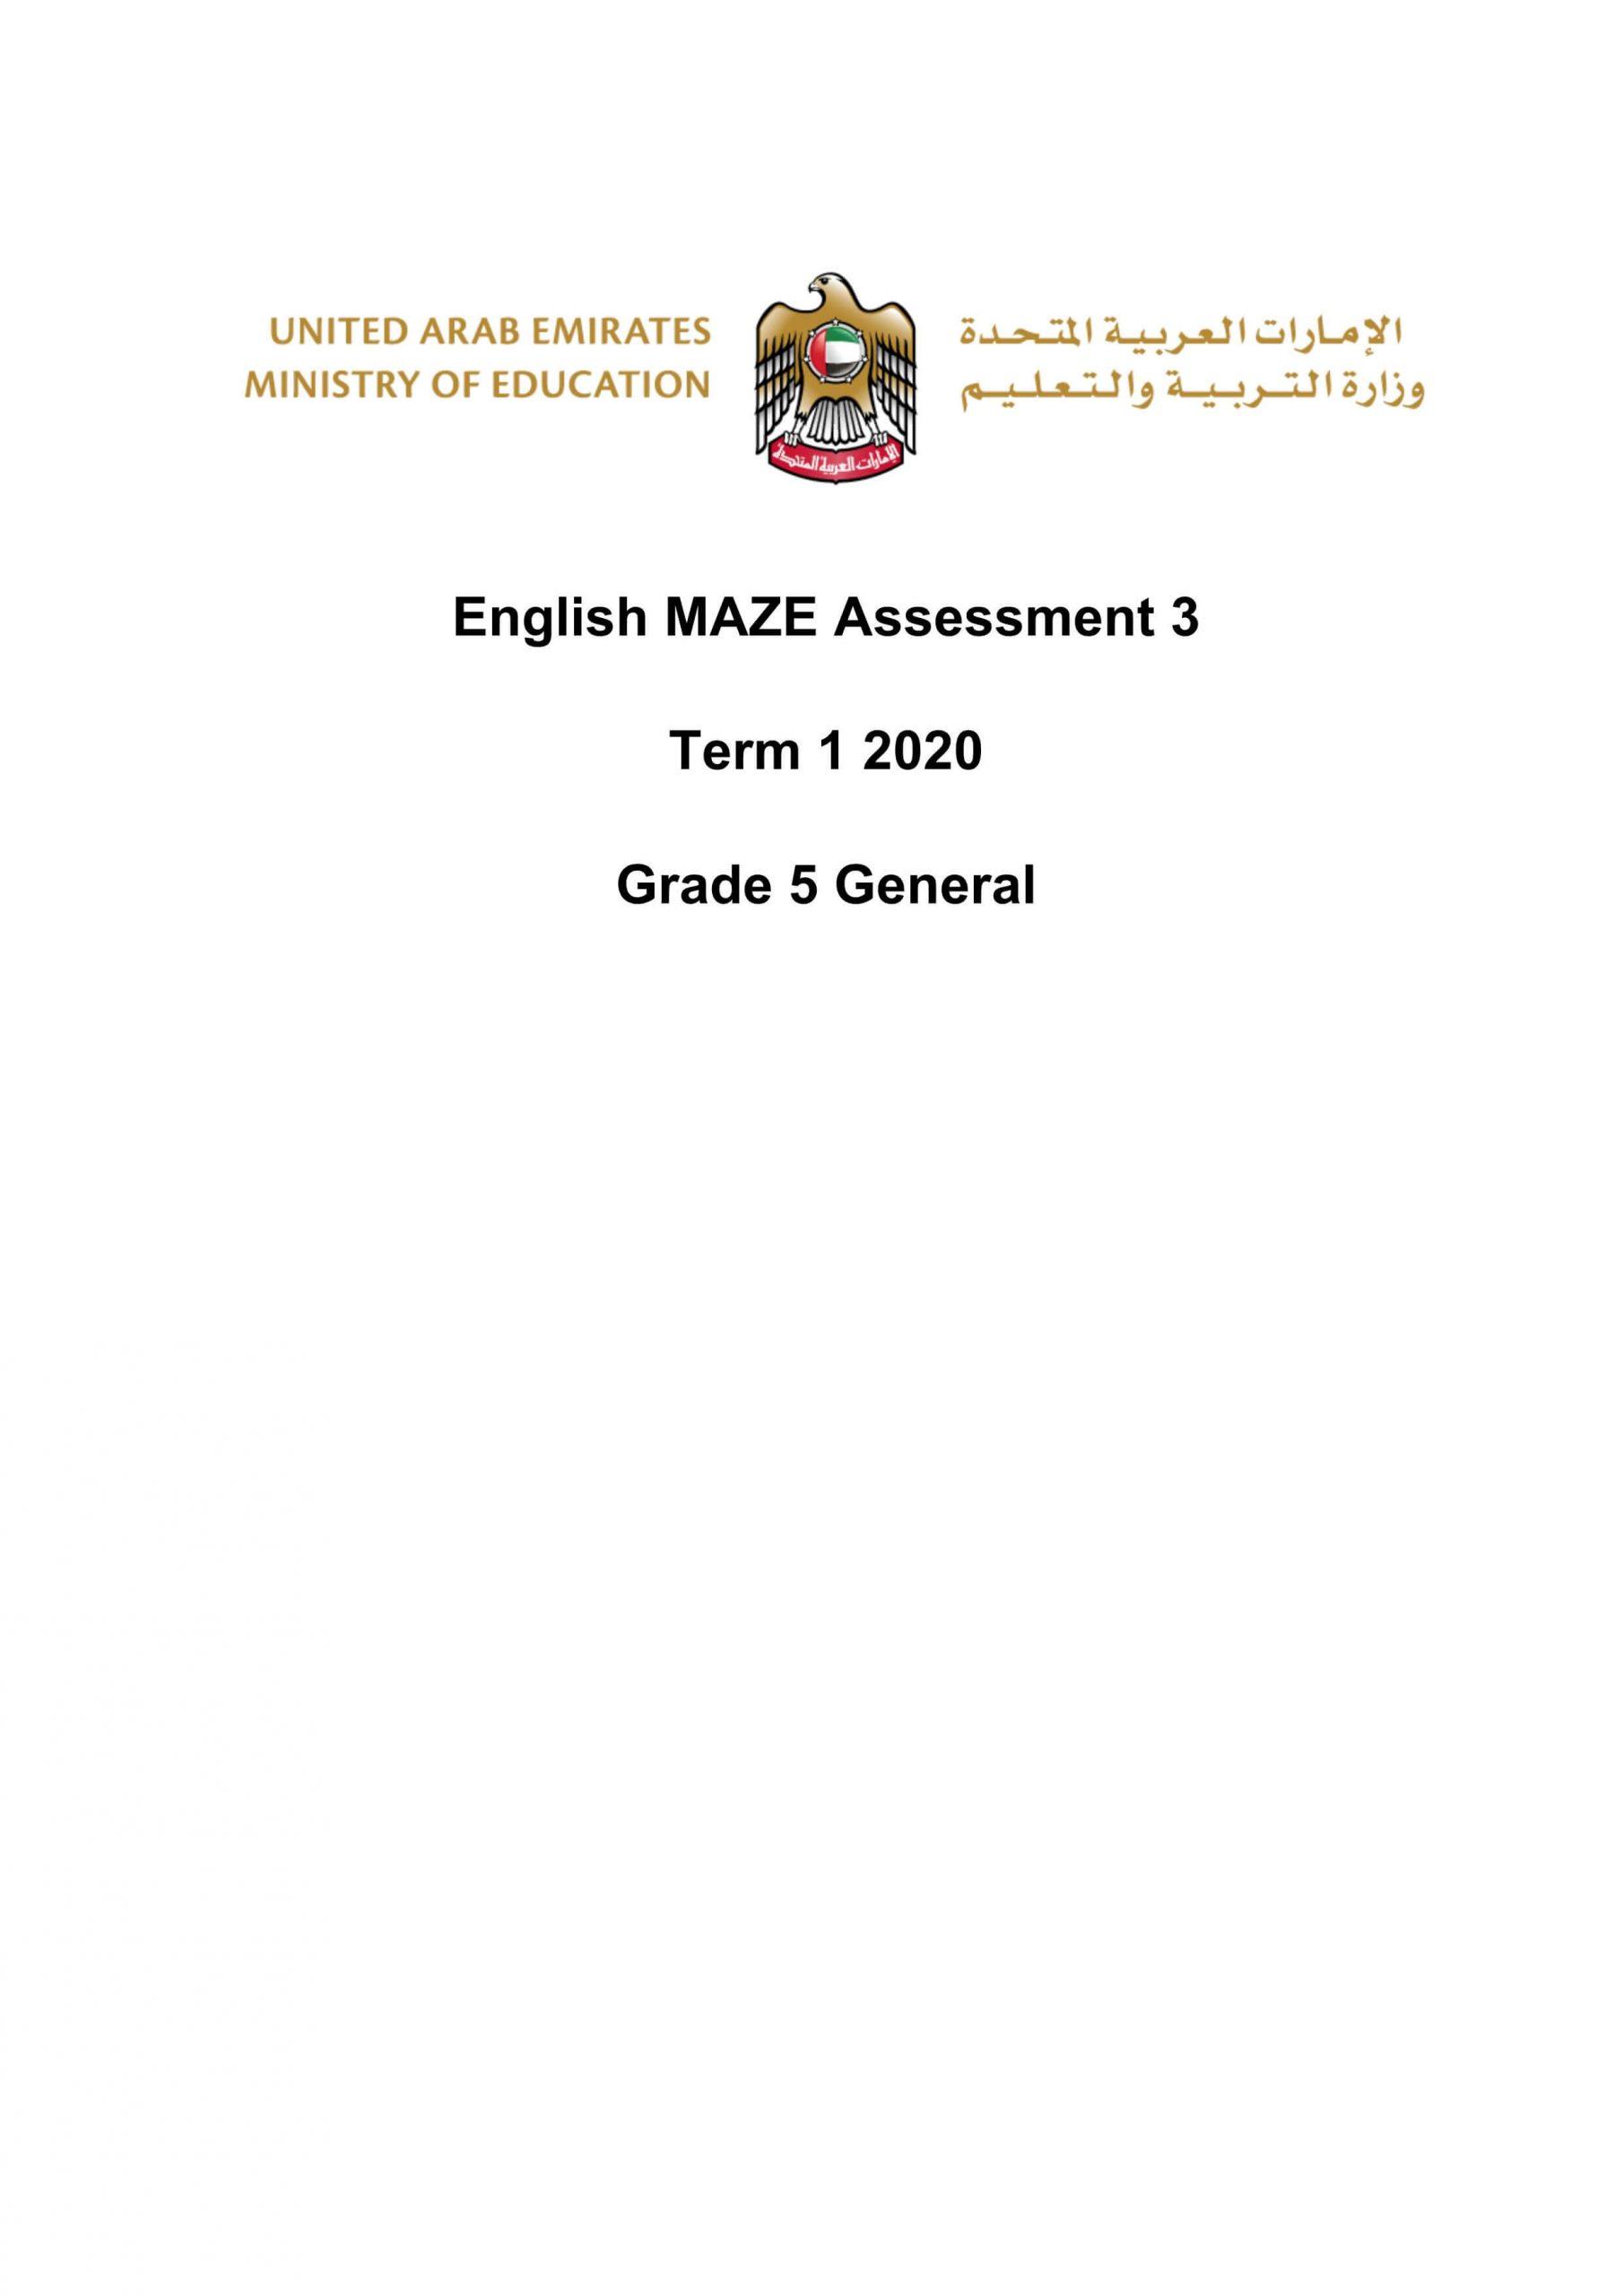 حل اوراق عمل MAZE Assessment الصف الخامس مادة اللغة الانجليزية